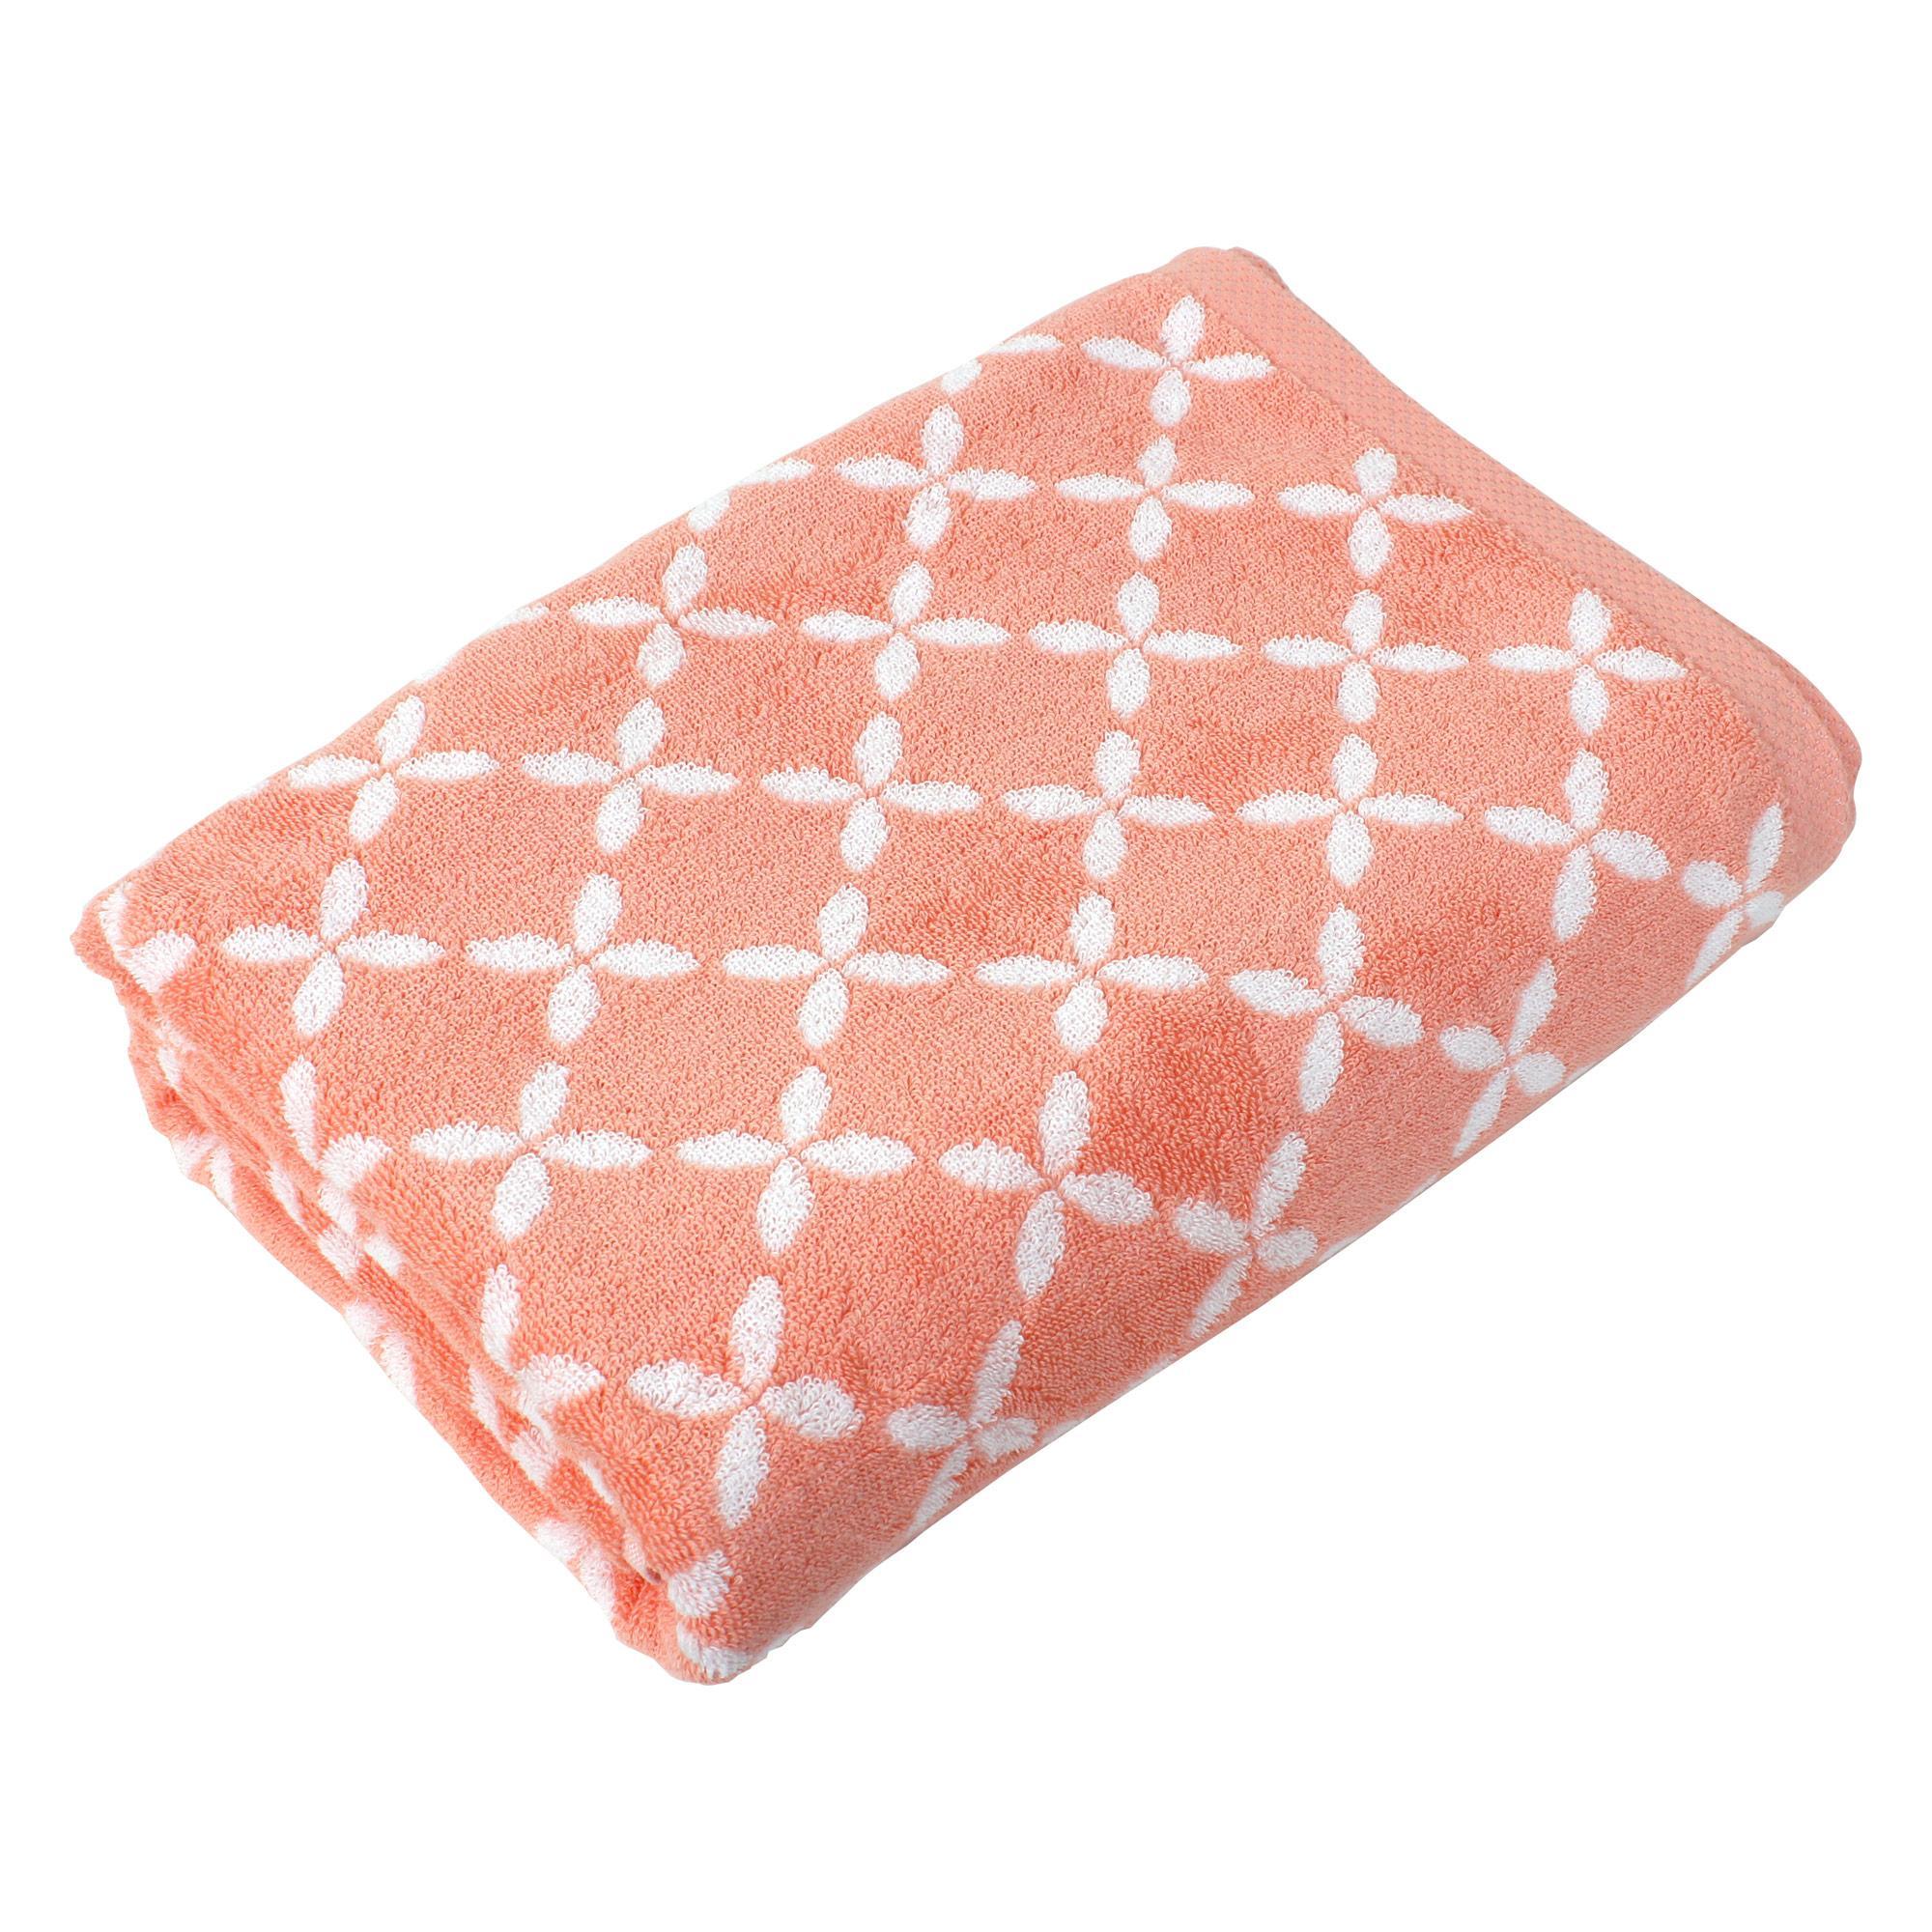 drap de bain 100x150 cm coton shibori floral orange linnea linge de maison et. Black Bedroom Furniture Sets. Home Design Ideas